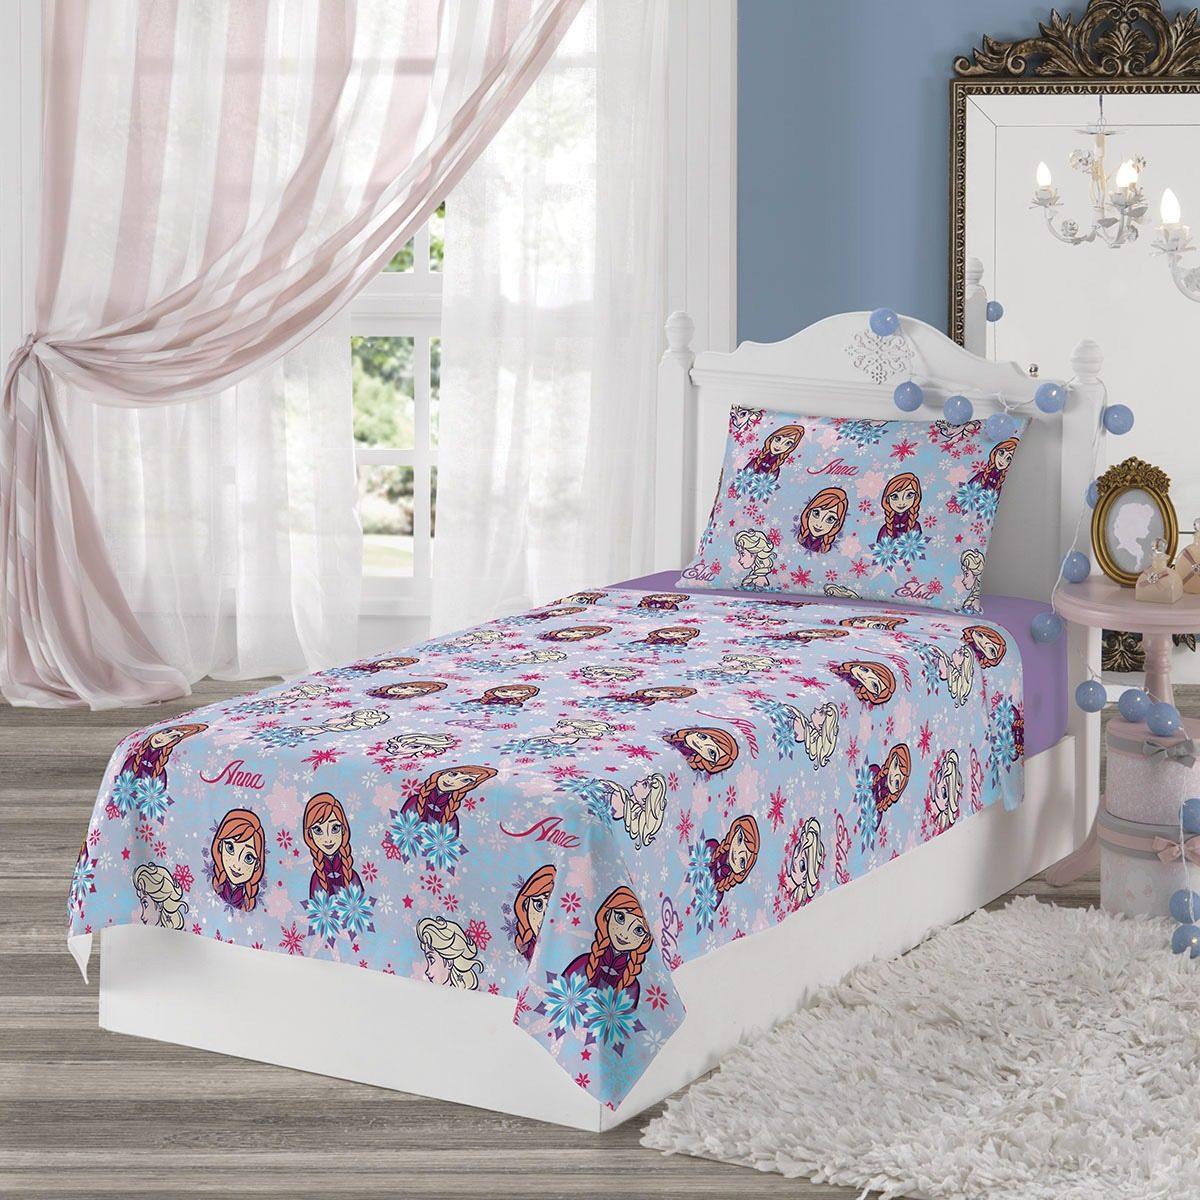 e9ad30ea87 jogo de cama infantil frozen 2 peças lençol lepper promoção. Carregando  zoom.